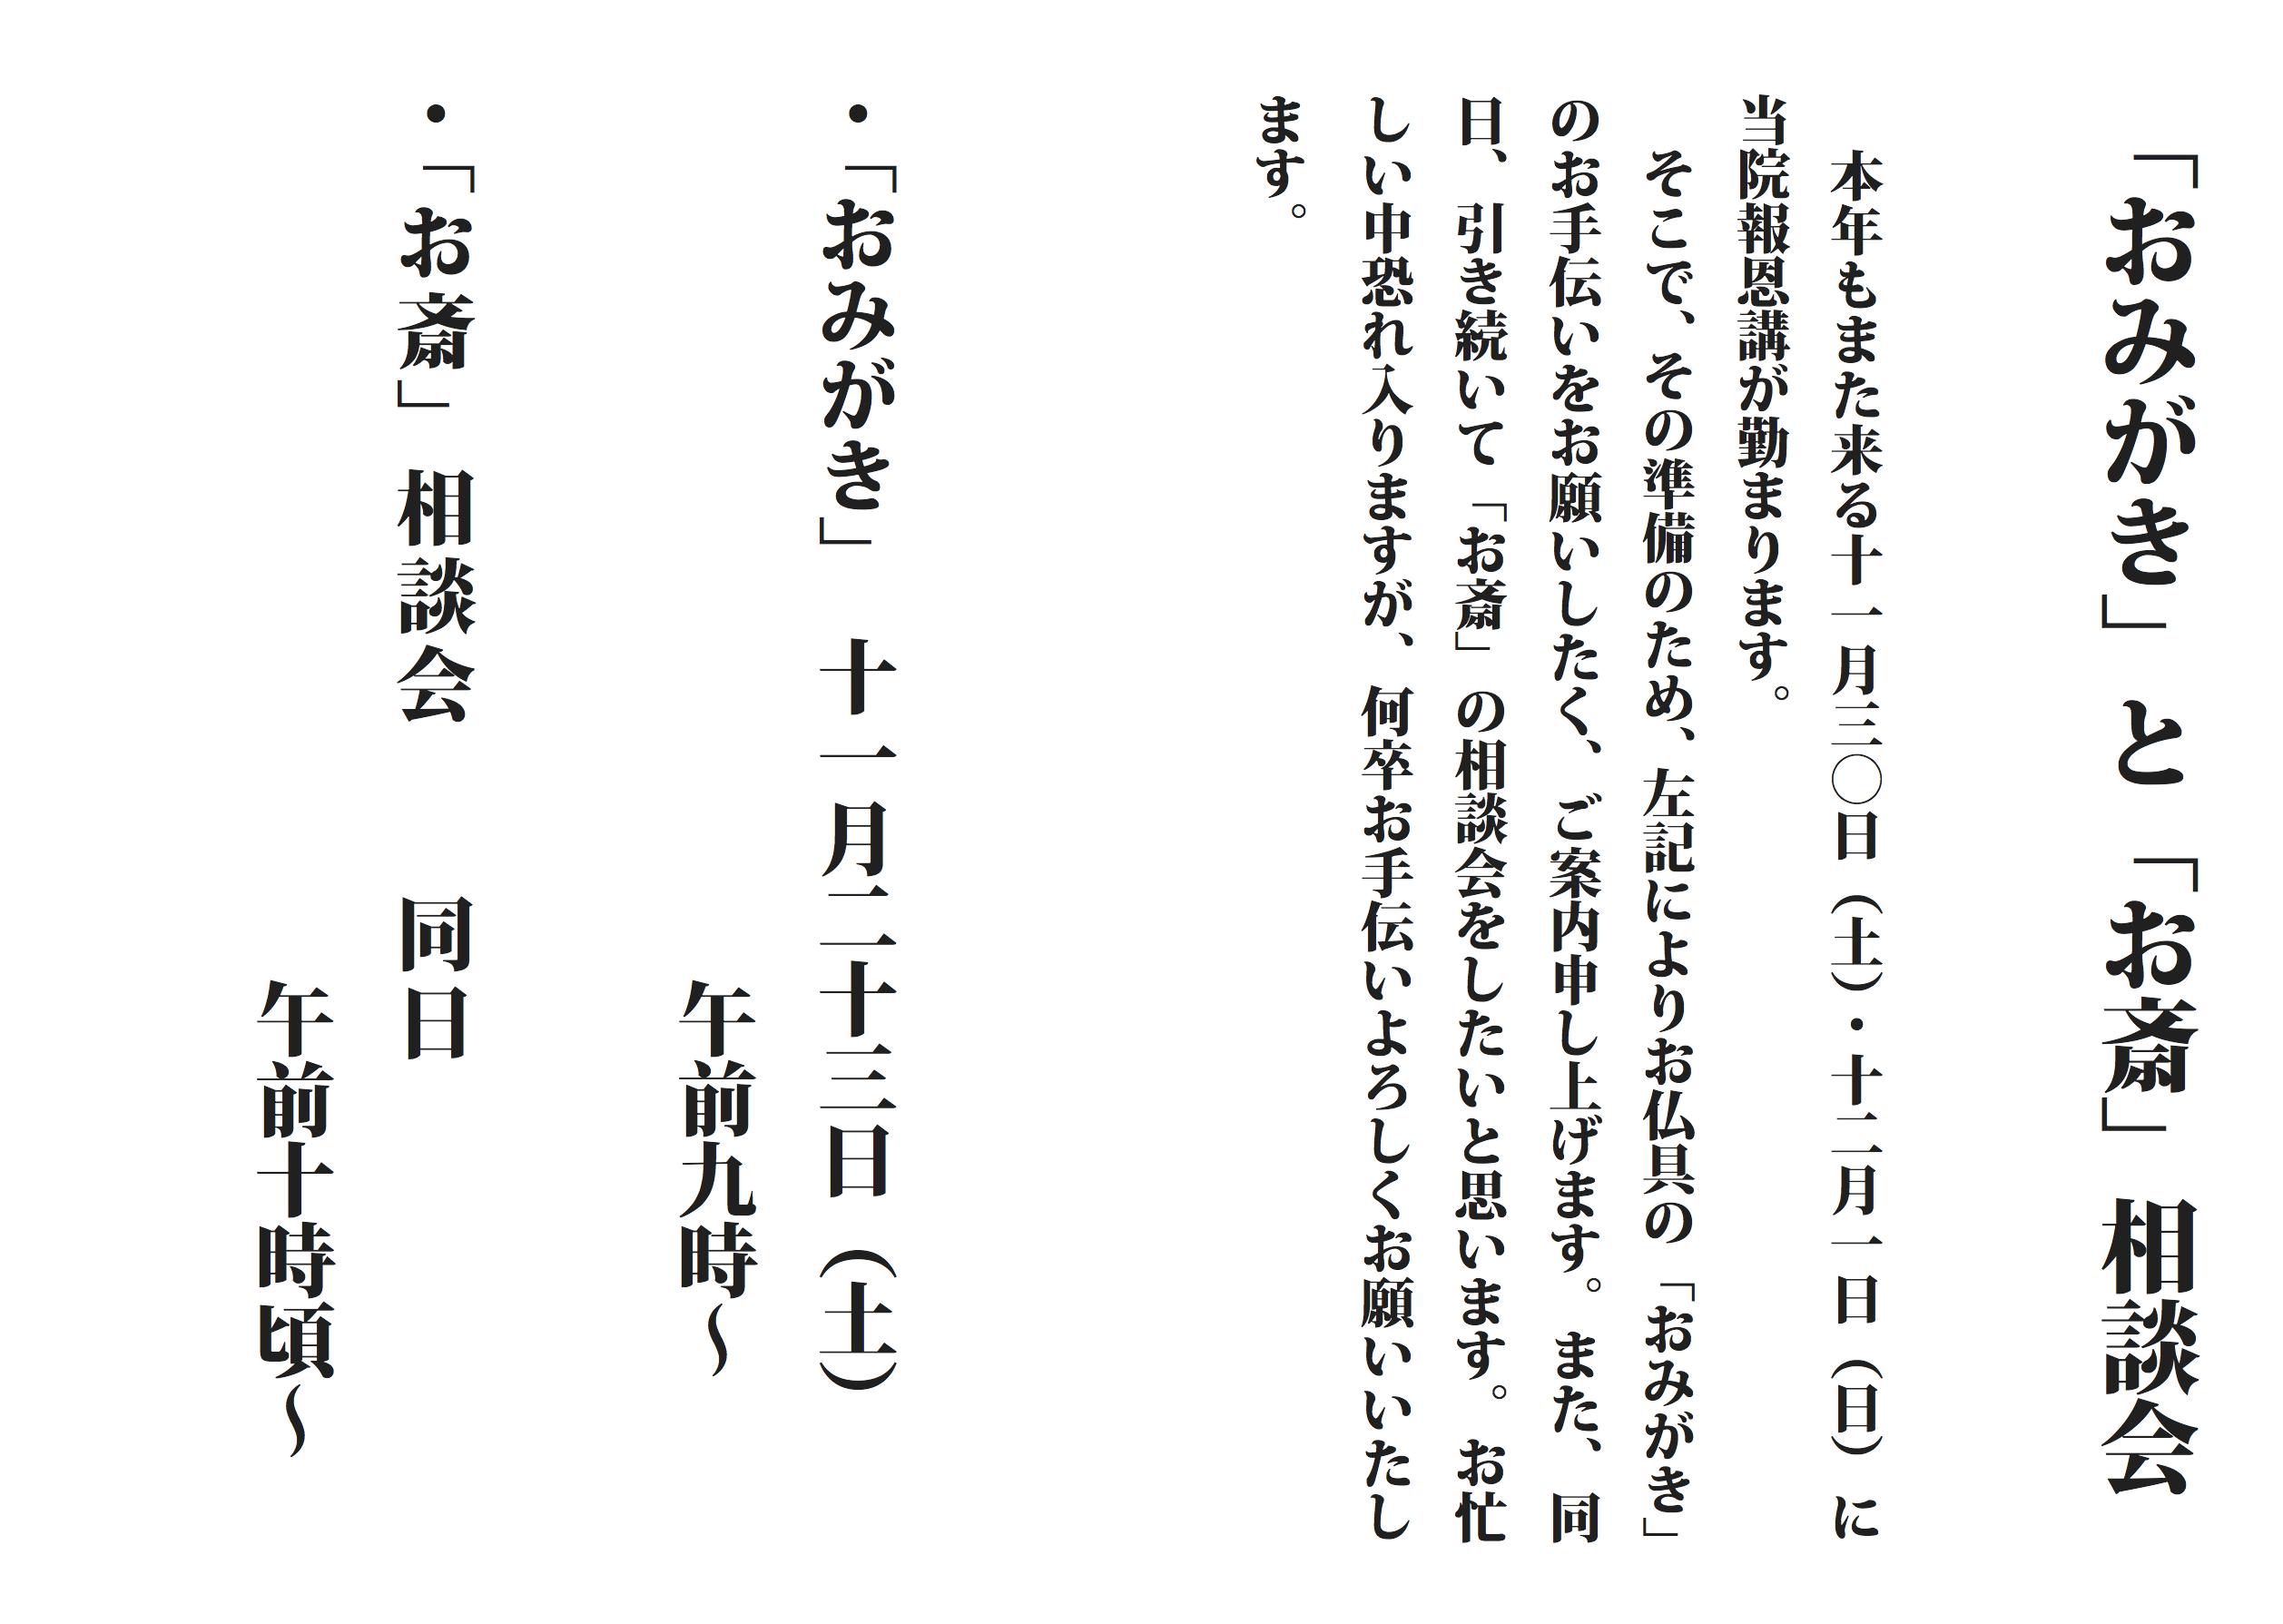 omigaki_keiji_2019.png